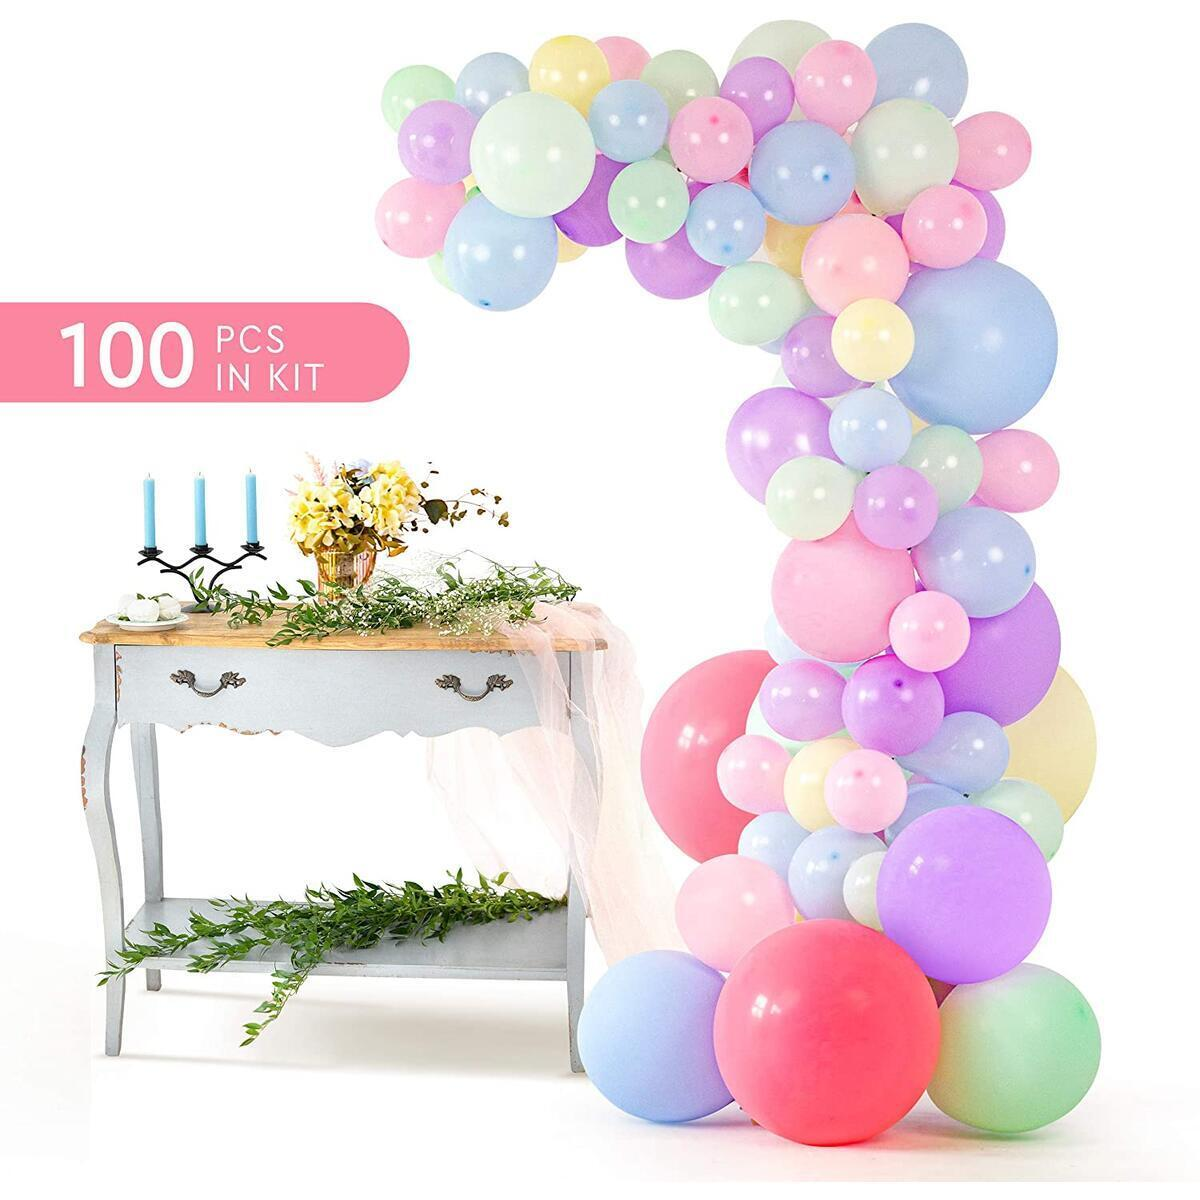 Pastel Balloon Garland Arch Cash Back Rebatekey